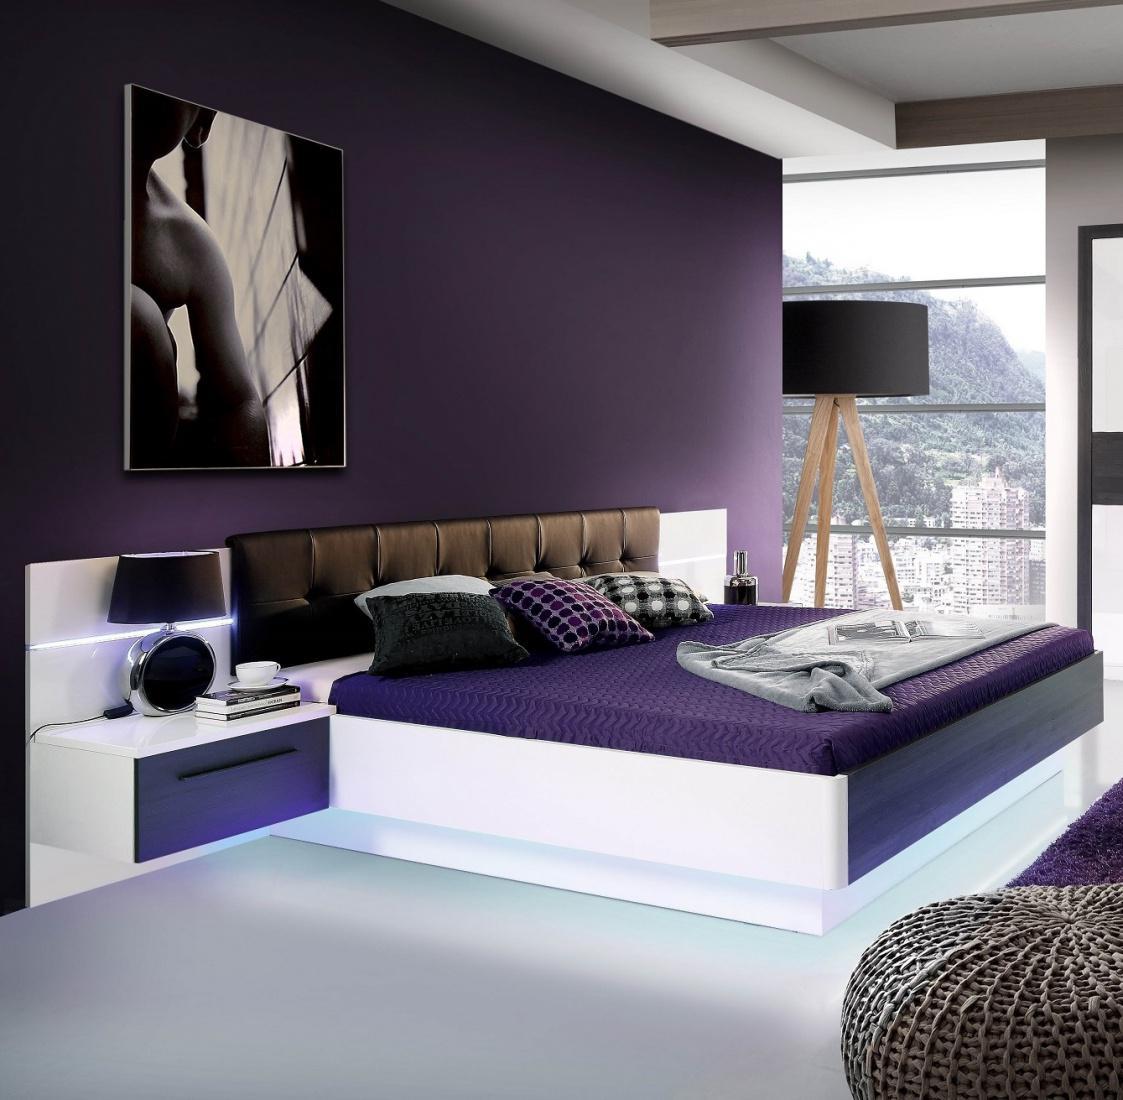 bett fennia 180x200cm in wei hochglanz kaufen bei m bel lux. Black Bedroom Furniture Sets. Home Design Ideas